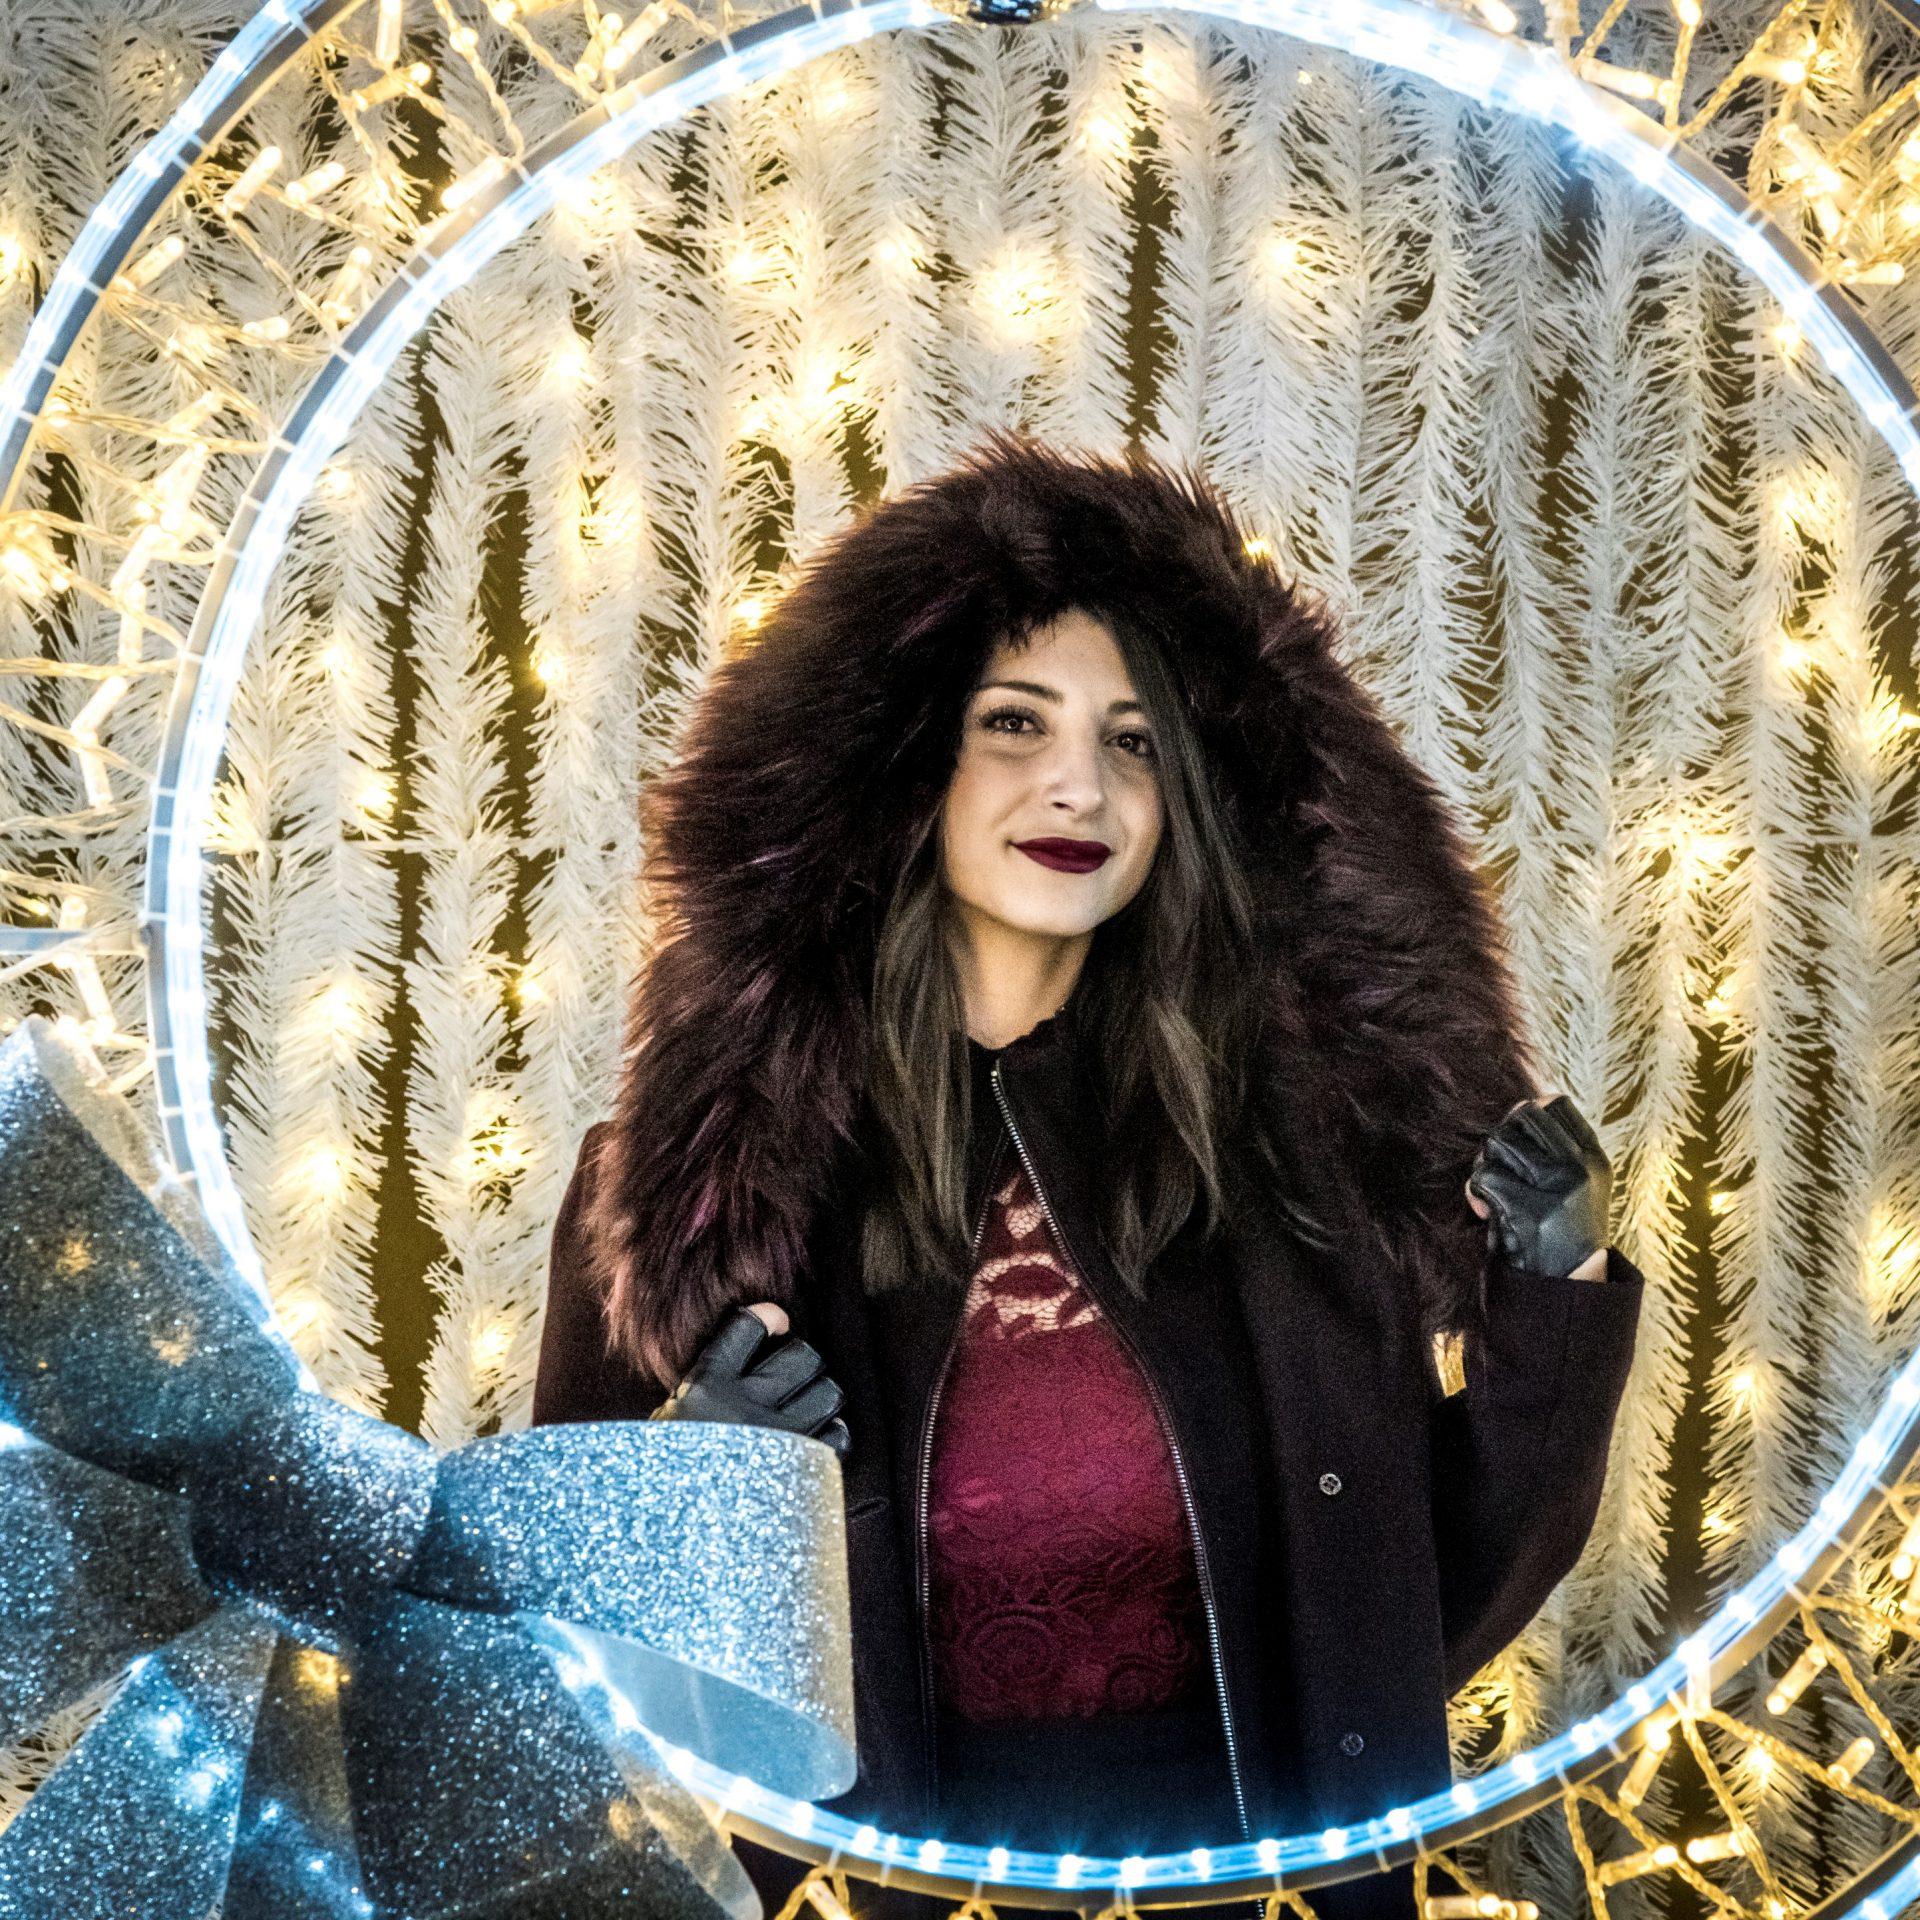 glow-vancouver-christmas